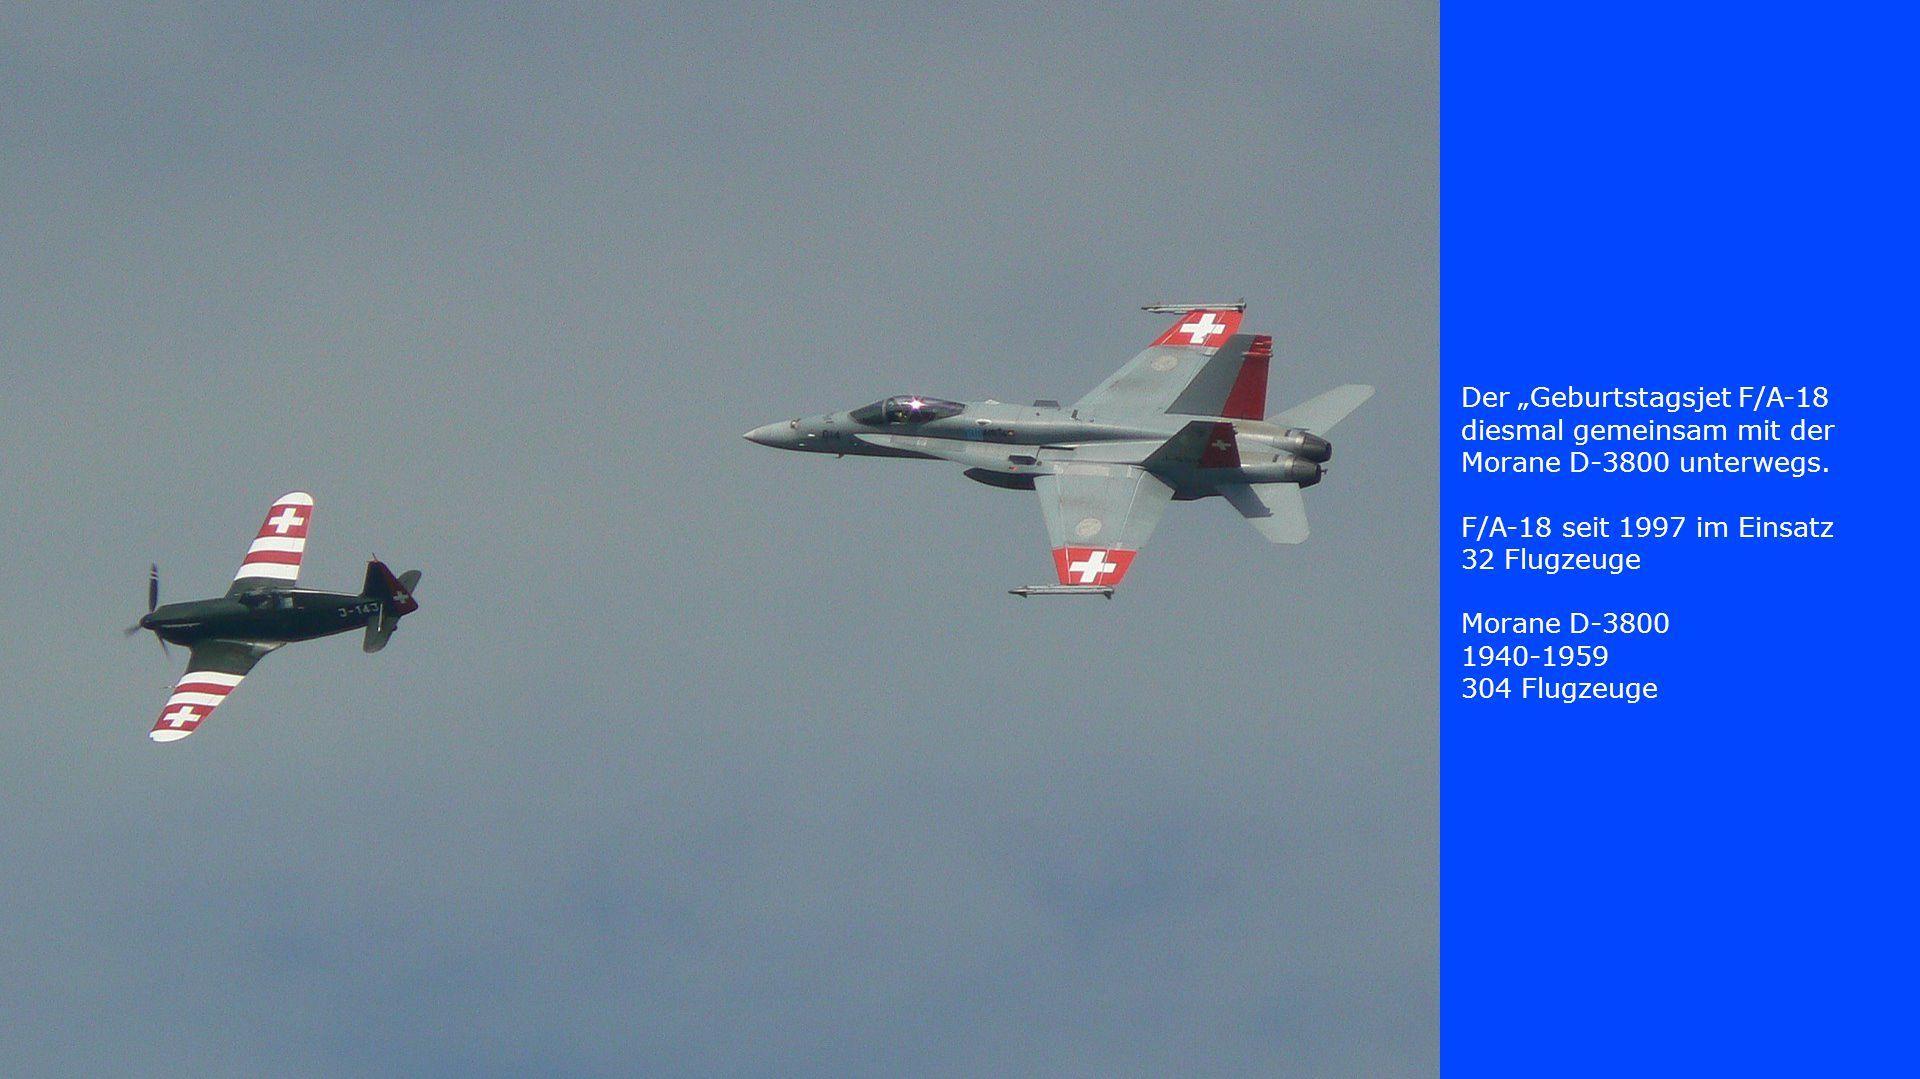 """Der """"Geburtstagsjet F/A-18 diesmal gemeinsam mit der Morane D-3800 unterwegs. F/A-18 seit 1997 im Einsatz 32 Flugzeuge Morane D-3800 1940-1959 304 Flu"""